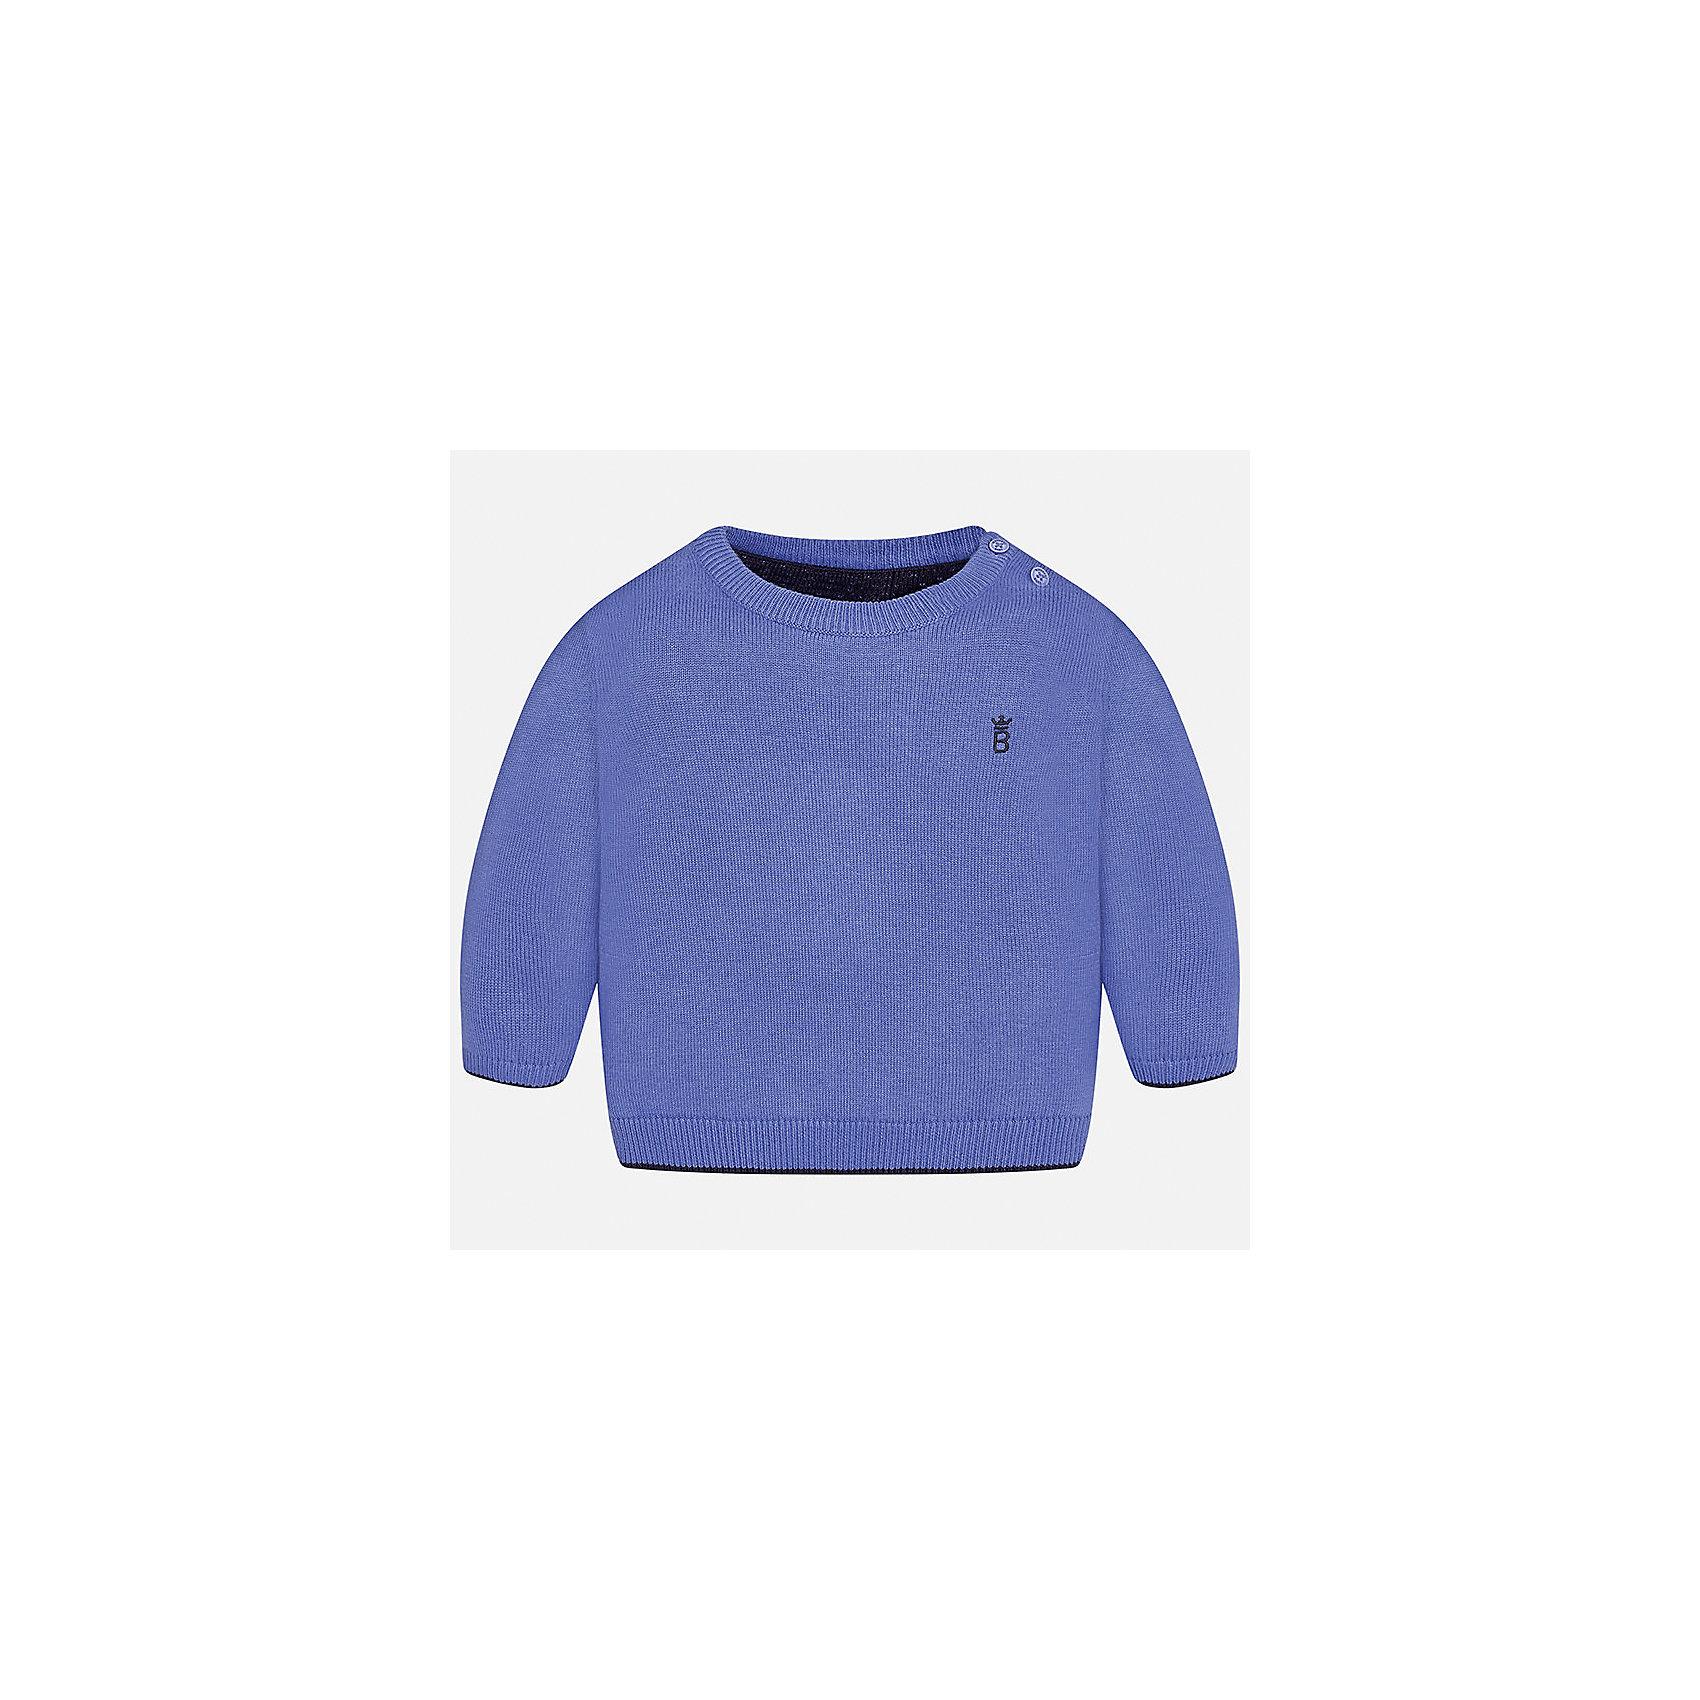 Свитер Mayoral для мальчикаСвитера и кардиганы<br>Характеристики товара:<br><br>• цвет: голубой;<br>• состав ткани: 100% хлопок;<br>• длинный рукав - реглан;<br>• однотонный;<br>• школьный;<br>• сезон: демисезон;<br>• страна бренда: Испания;<br>• страна изготовитель: Бангладеш.<br><br>Однотонный свитер для мальчика от популярного бренда Mayoral из натурально и мягкого 100% хлопка тонкой вязки, декорирован маленьким принтом в виде логотипа с вышивкой. Имеет круглый вырез и уплотненные края на руковах и поясе. Очень практичный и долгий в носке, цвет нетускнеет, смотрится аккуратно и стильно как с джинсами, так и в сочетании со школьной формой.<br><br>Для производства детской одежды популярный бренд Mayoral используют только качественную фурнитуру и материалы. Оригинальные и модные вещи от Майорал неизменно привлекают внимание и нравятся детям.<br><br>Свитер для мальчика Mayoral (Майорал) можно купить в нашем интернет-магазине.<br><br>Ширина мм: 190<br>Глубина мм: 74<br>Высота мм: 229<br>Вес г: 236<br>Цвет: лиловый<br>Возраст от месяцев: 24<br>Возраст до месяцев: 36<br>Пол: Мужской<br>Возраст: Детский<br>Размер: 98,74,80,86,92<br>SKU: 6931781